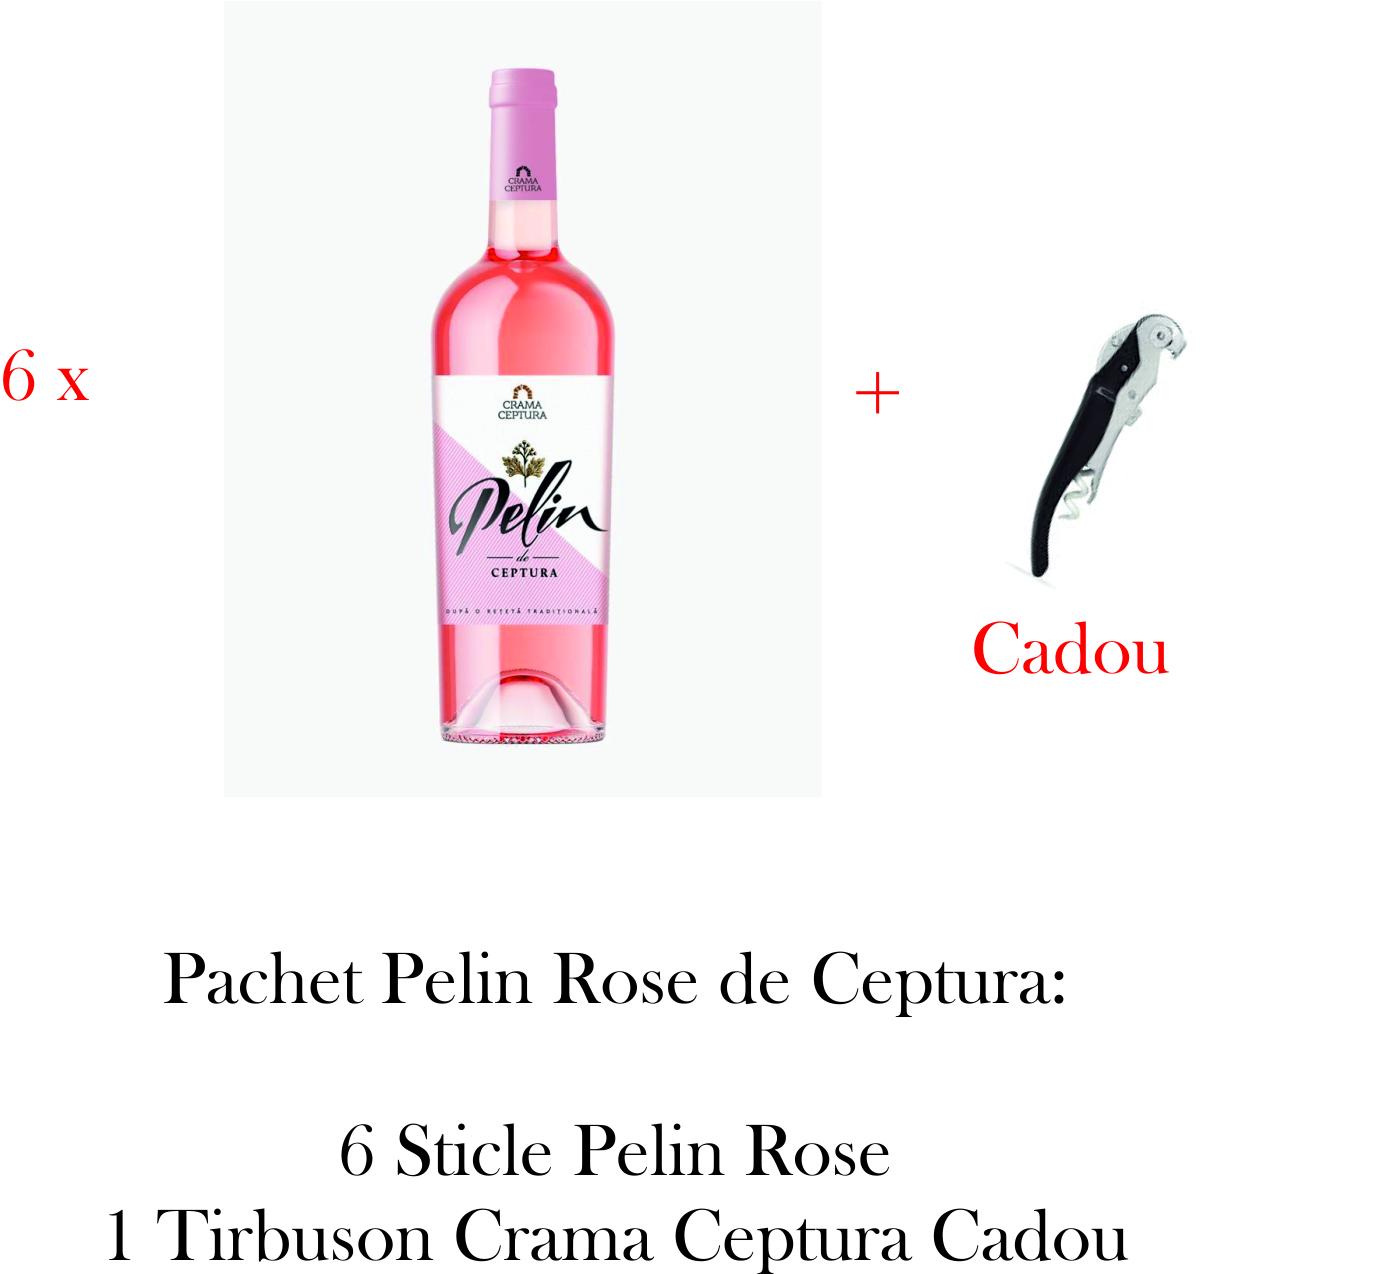 EPACHET PELIN ROSE